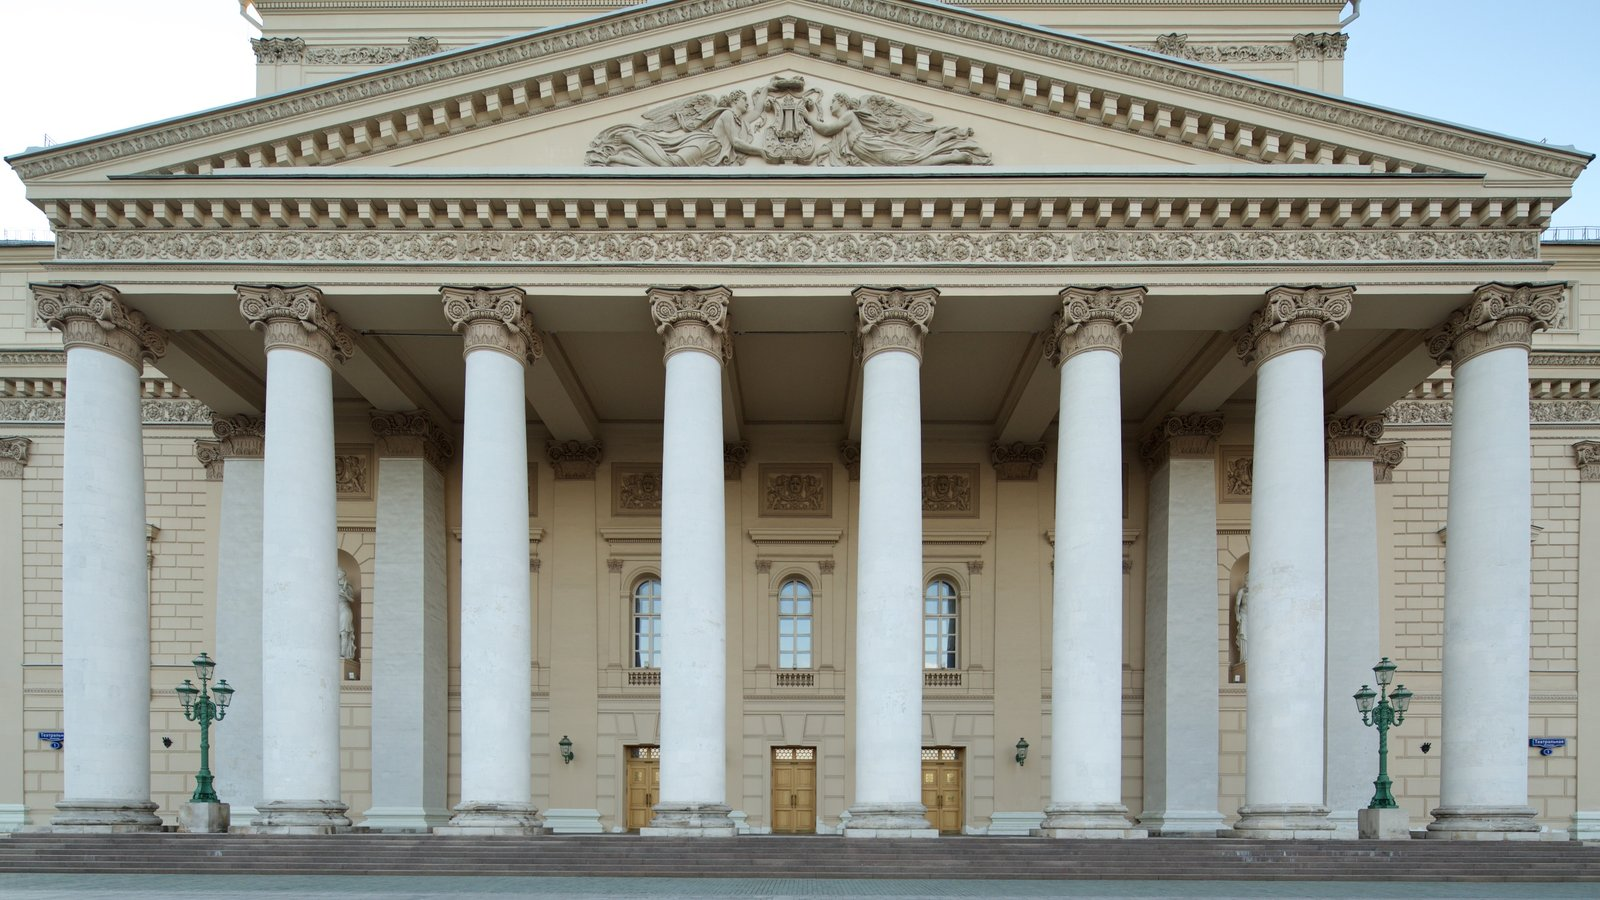 Teatro Bolshoi que inclui arquitetura de patrimônio